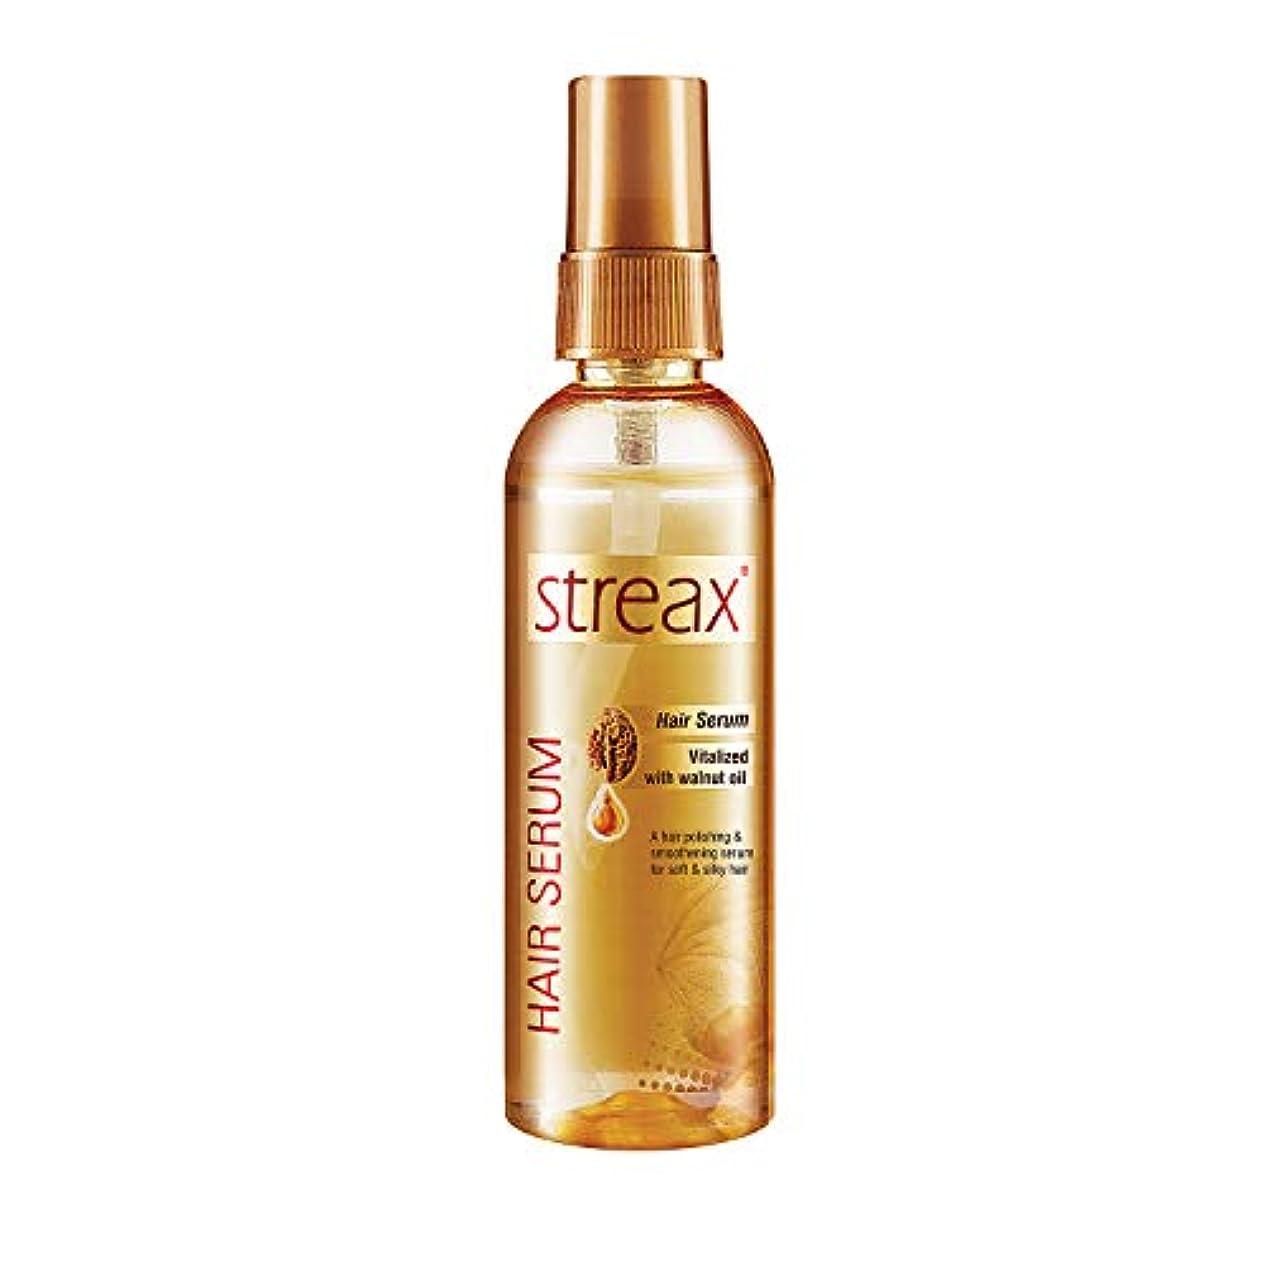 犠牲発掘するスポーツの試合を担当している人クルミオイルで強化しStreax髪血清は縮れフリーサテンスムースヘア100ミリリットルを提供します( 3.5オンス)Streax Hair Serum Enriched with Walnut Oil Gives Frizz-free...